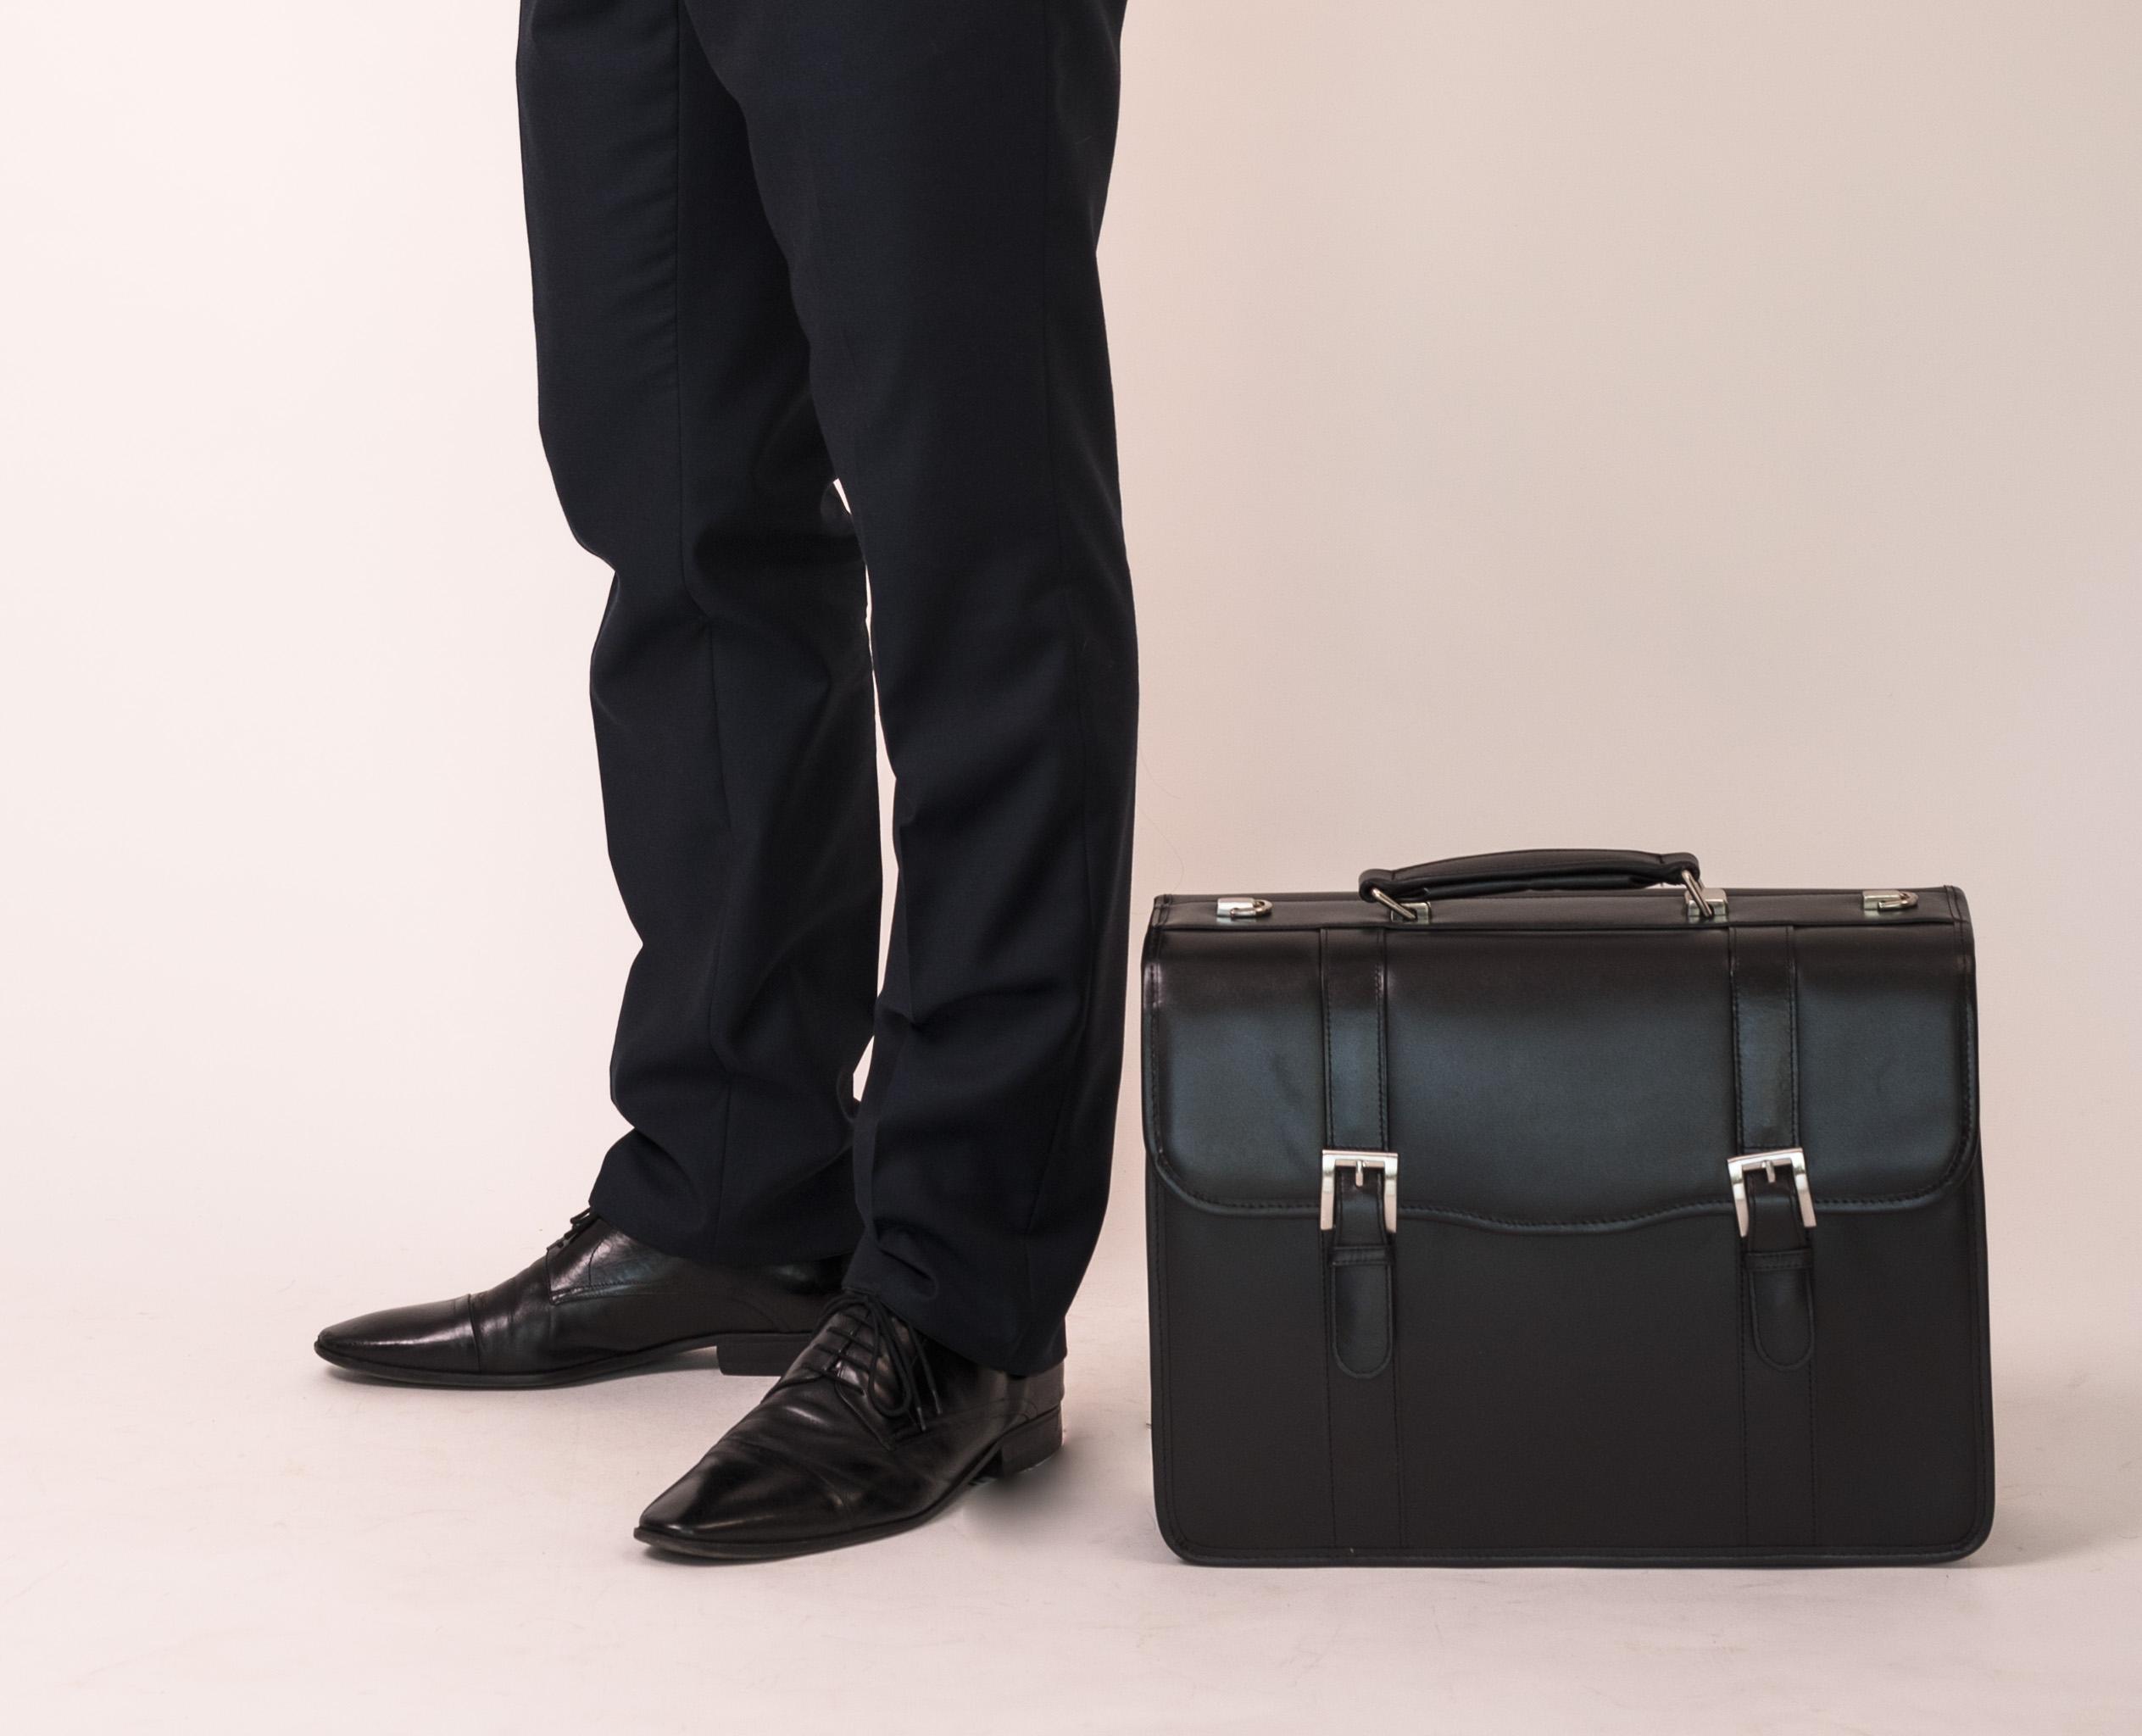 Teczka dla prawnika w kolorze czarnym